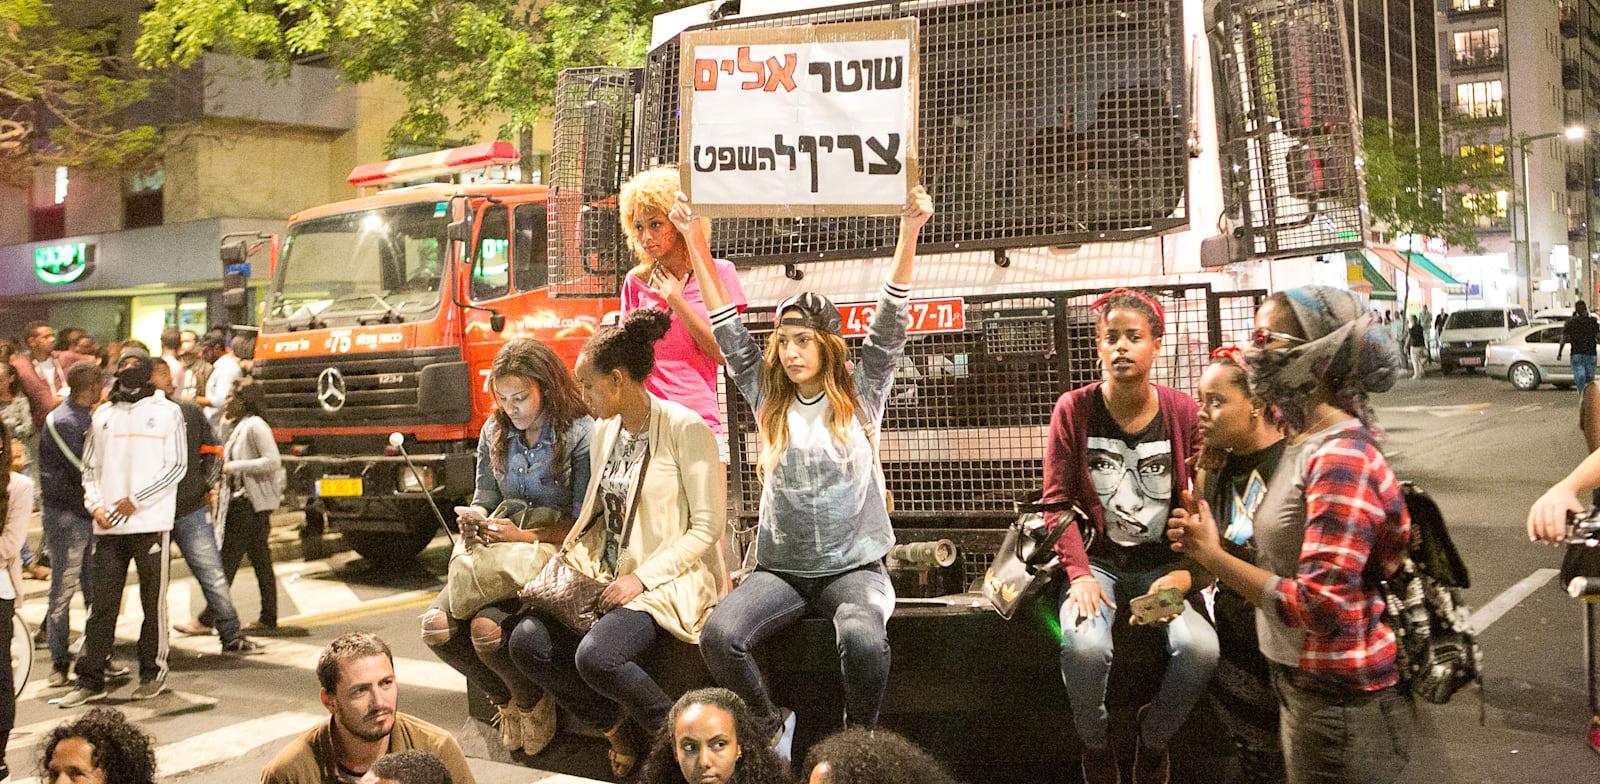 הפגנת יוצאי אתיופיה בתל אביב במחאה על אלימות המשטרה / צילום: שלומי יוסף